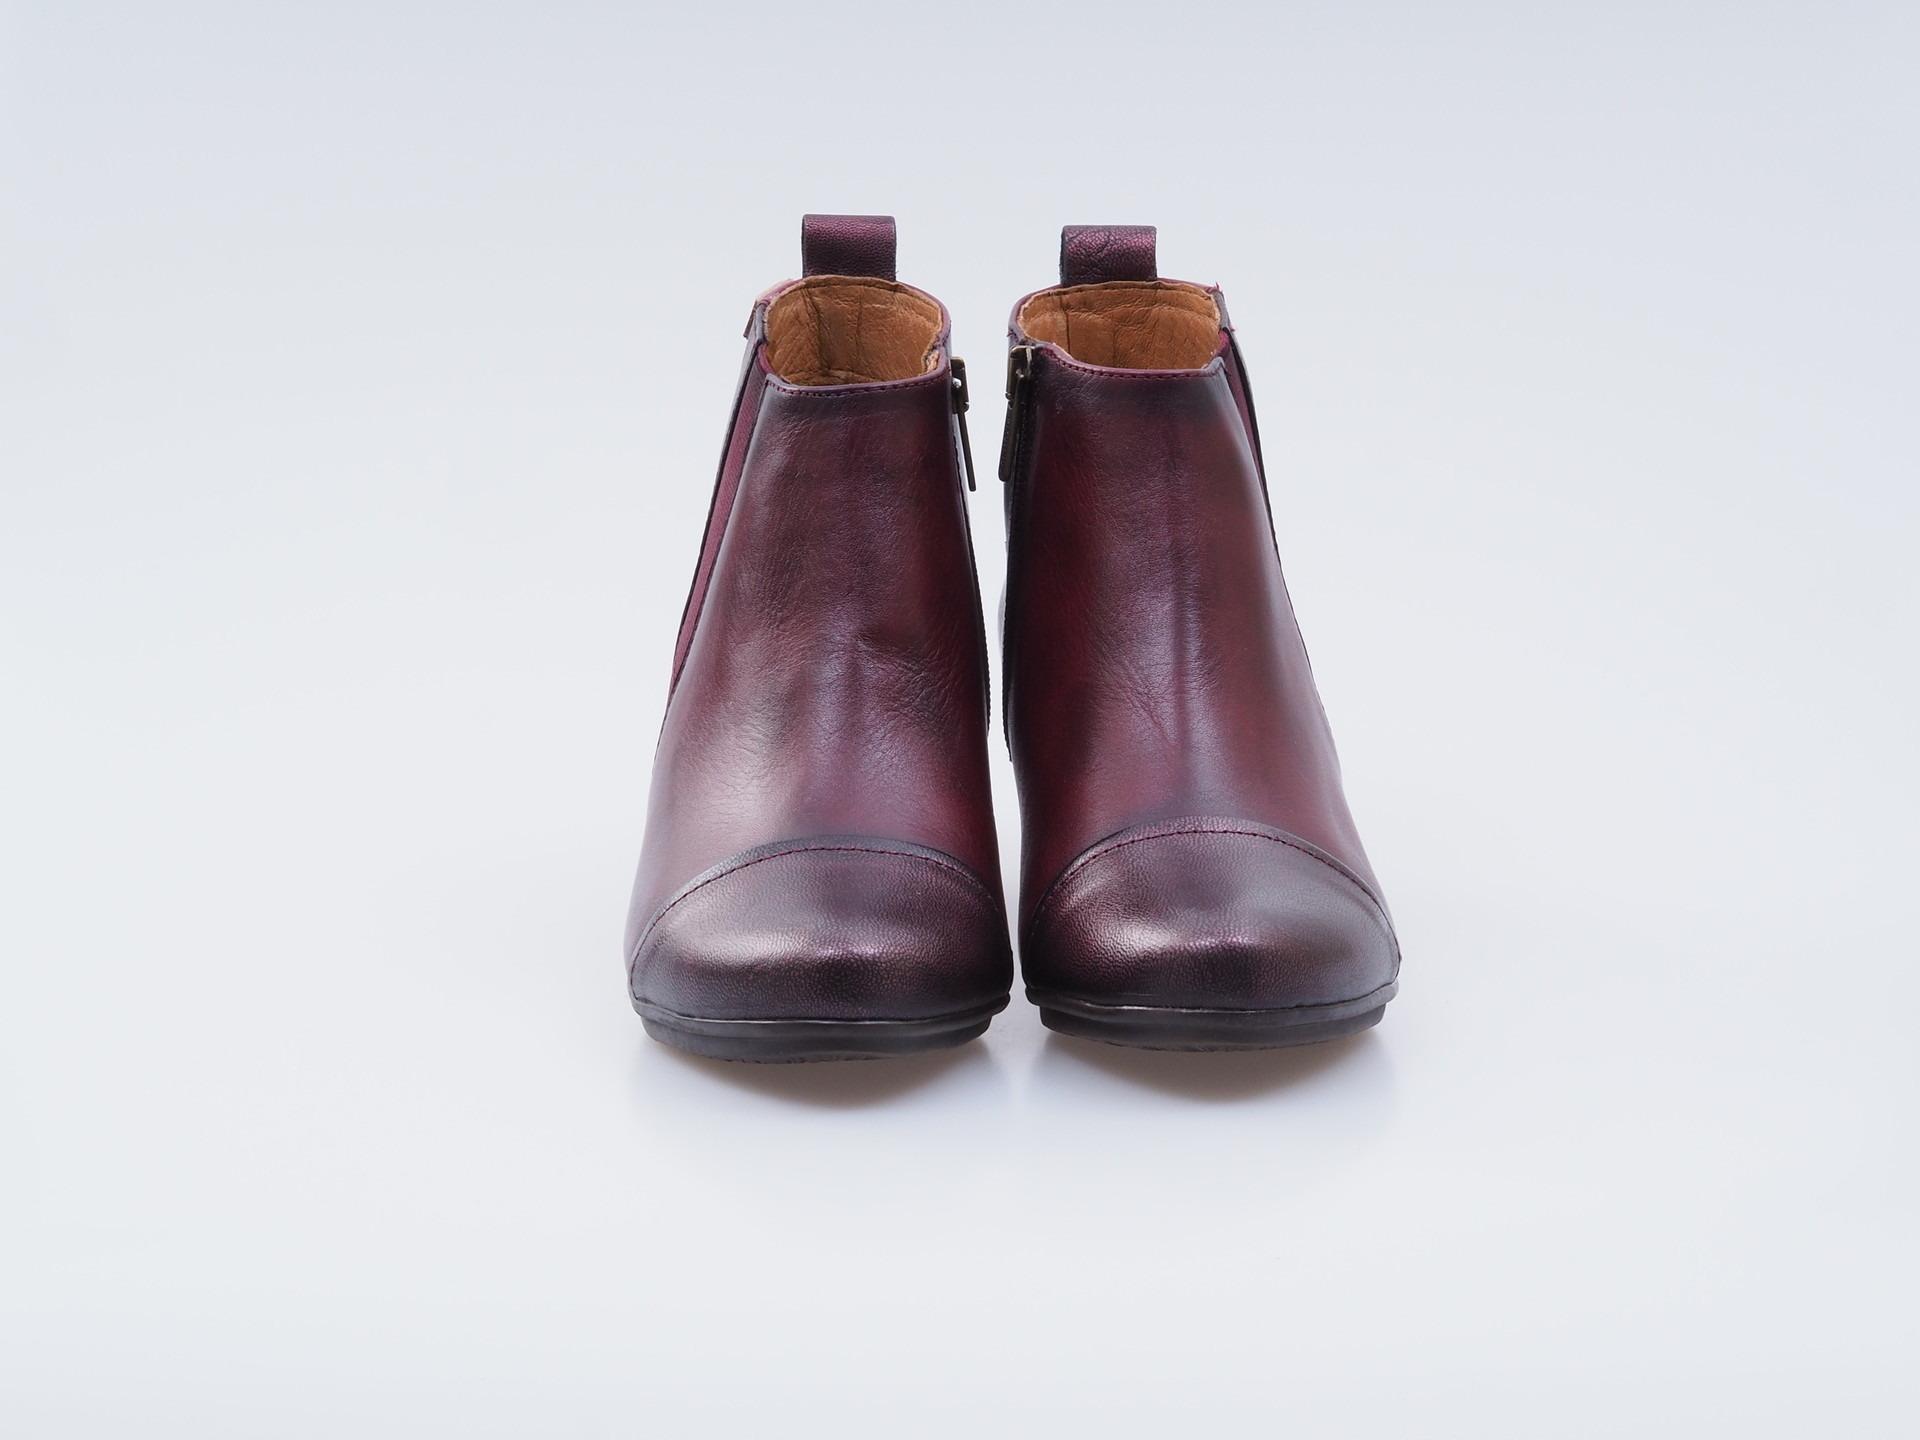 Kožené členkové topánky Pikolinos. Kožené členkové topánky Pikolinos.  Obchodné podmienky Obuv Soňa 9feb682012a